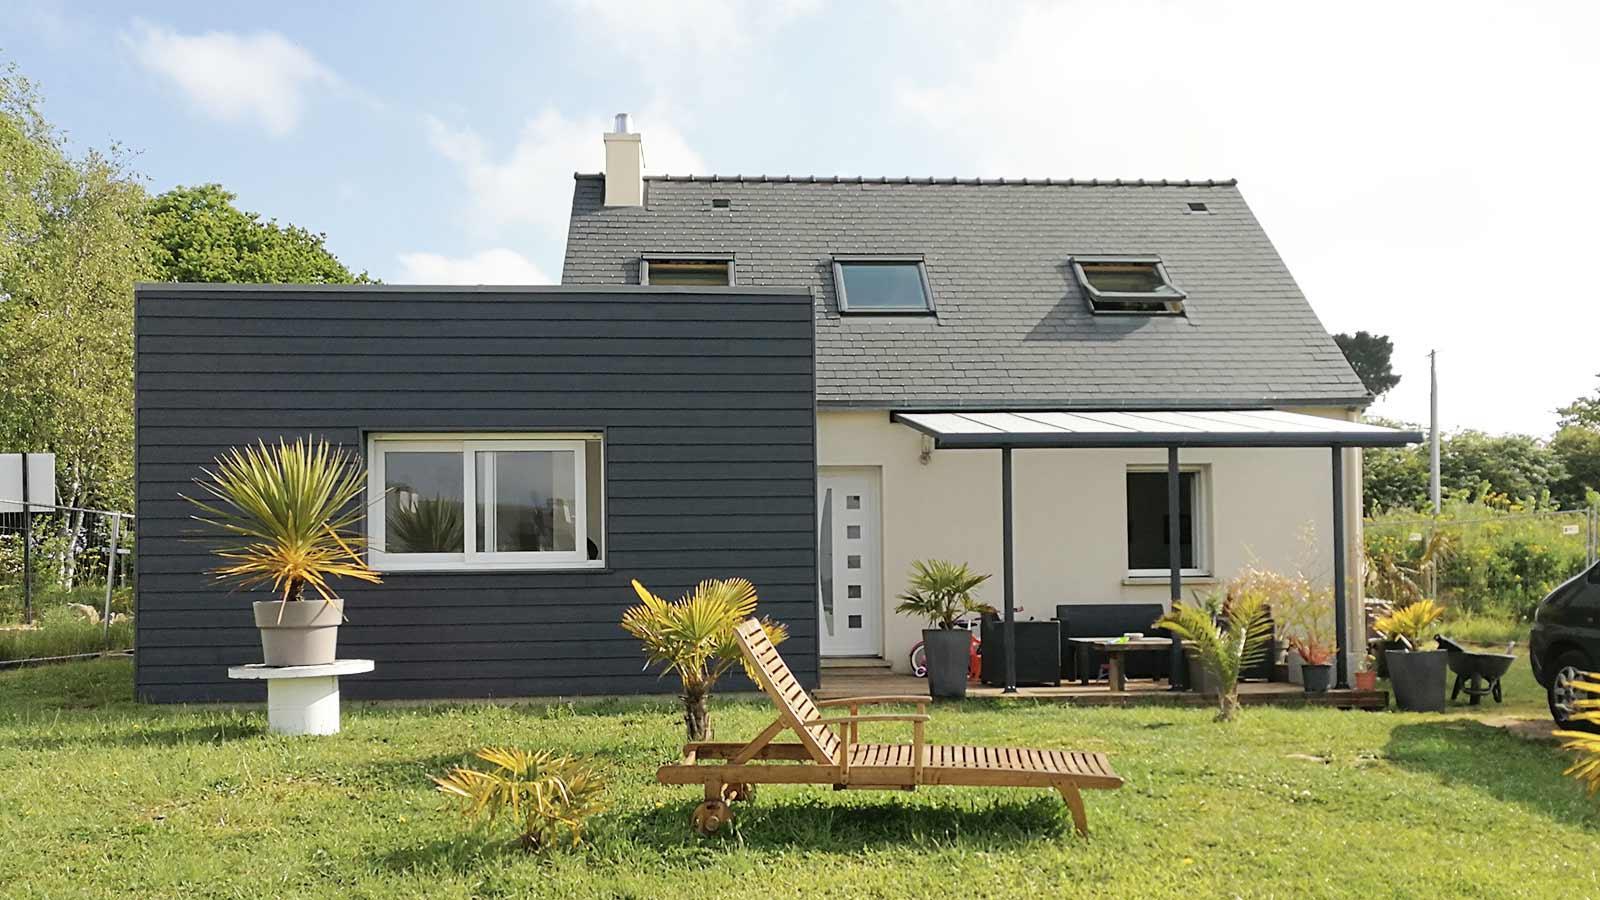 Prix maison bois m2 - maison parallele